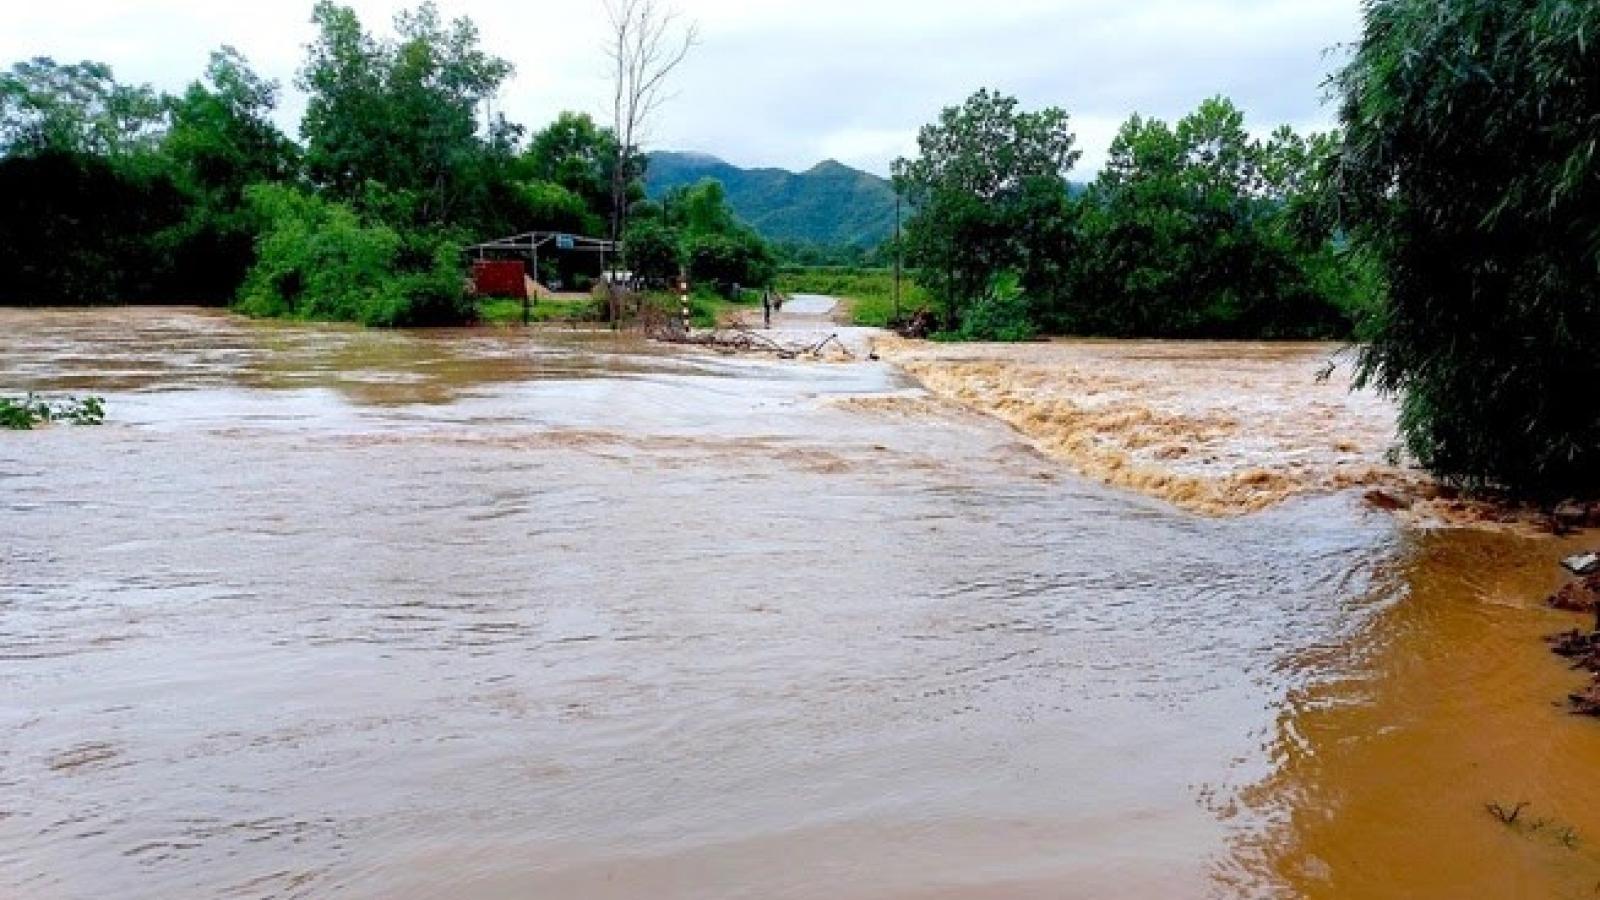 Mưa xối xả, quốc lộ 1A qua địa bàn Nghệ An bị chia cắt